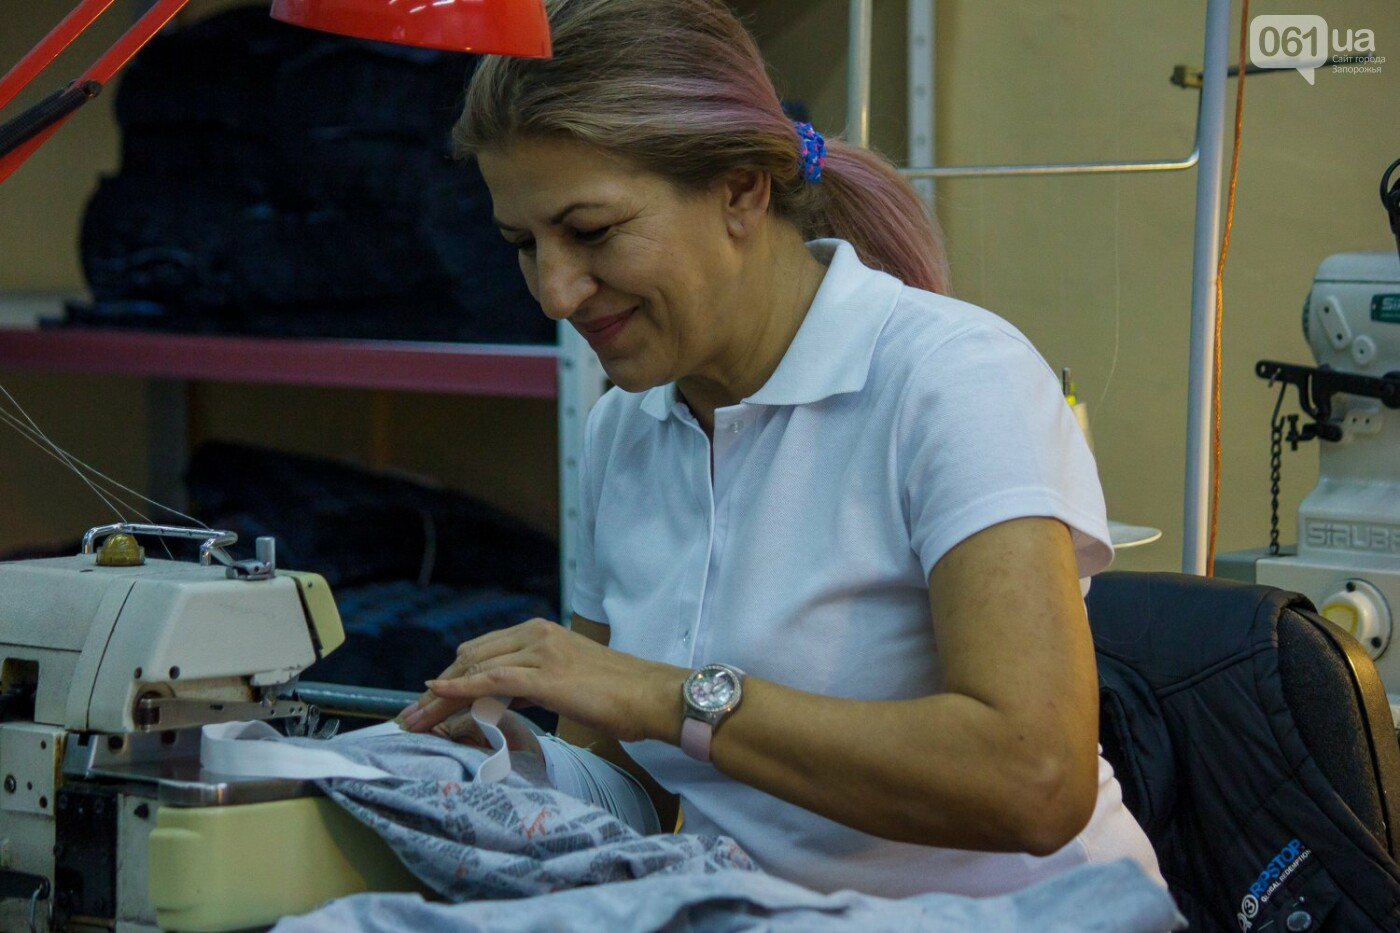 Как в Запорожье шьют мужское белье: экскурсия на трикотажную фабрику, – ФОТОРЕПОРТАЖ, фото-31